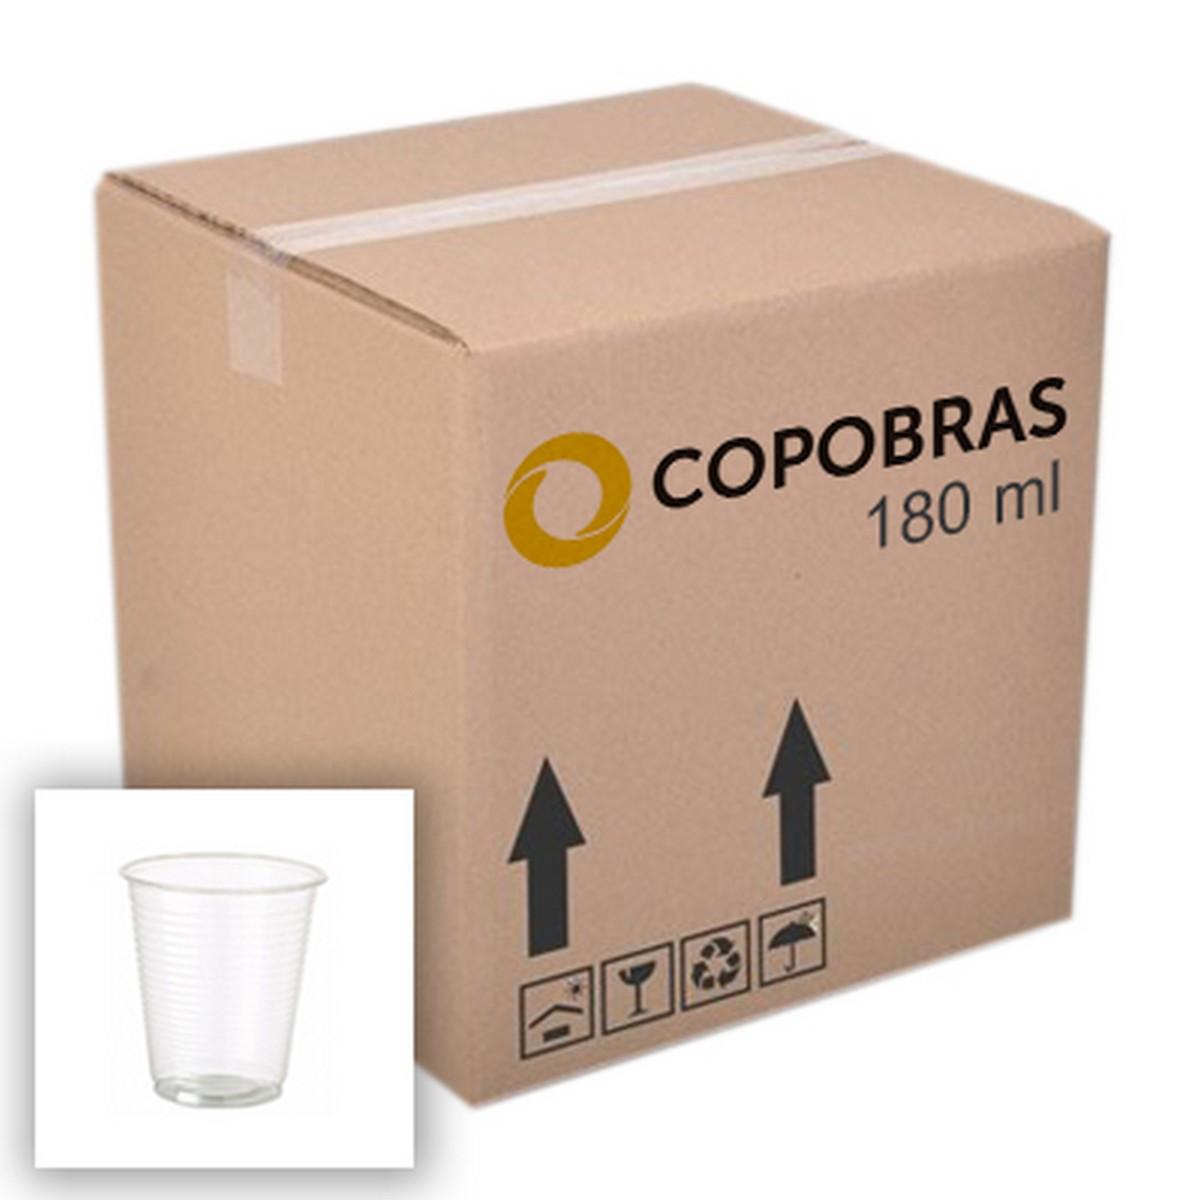 Distribuidora de copo descartável